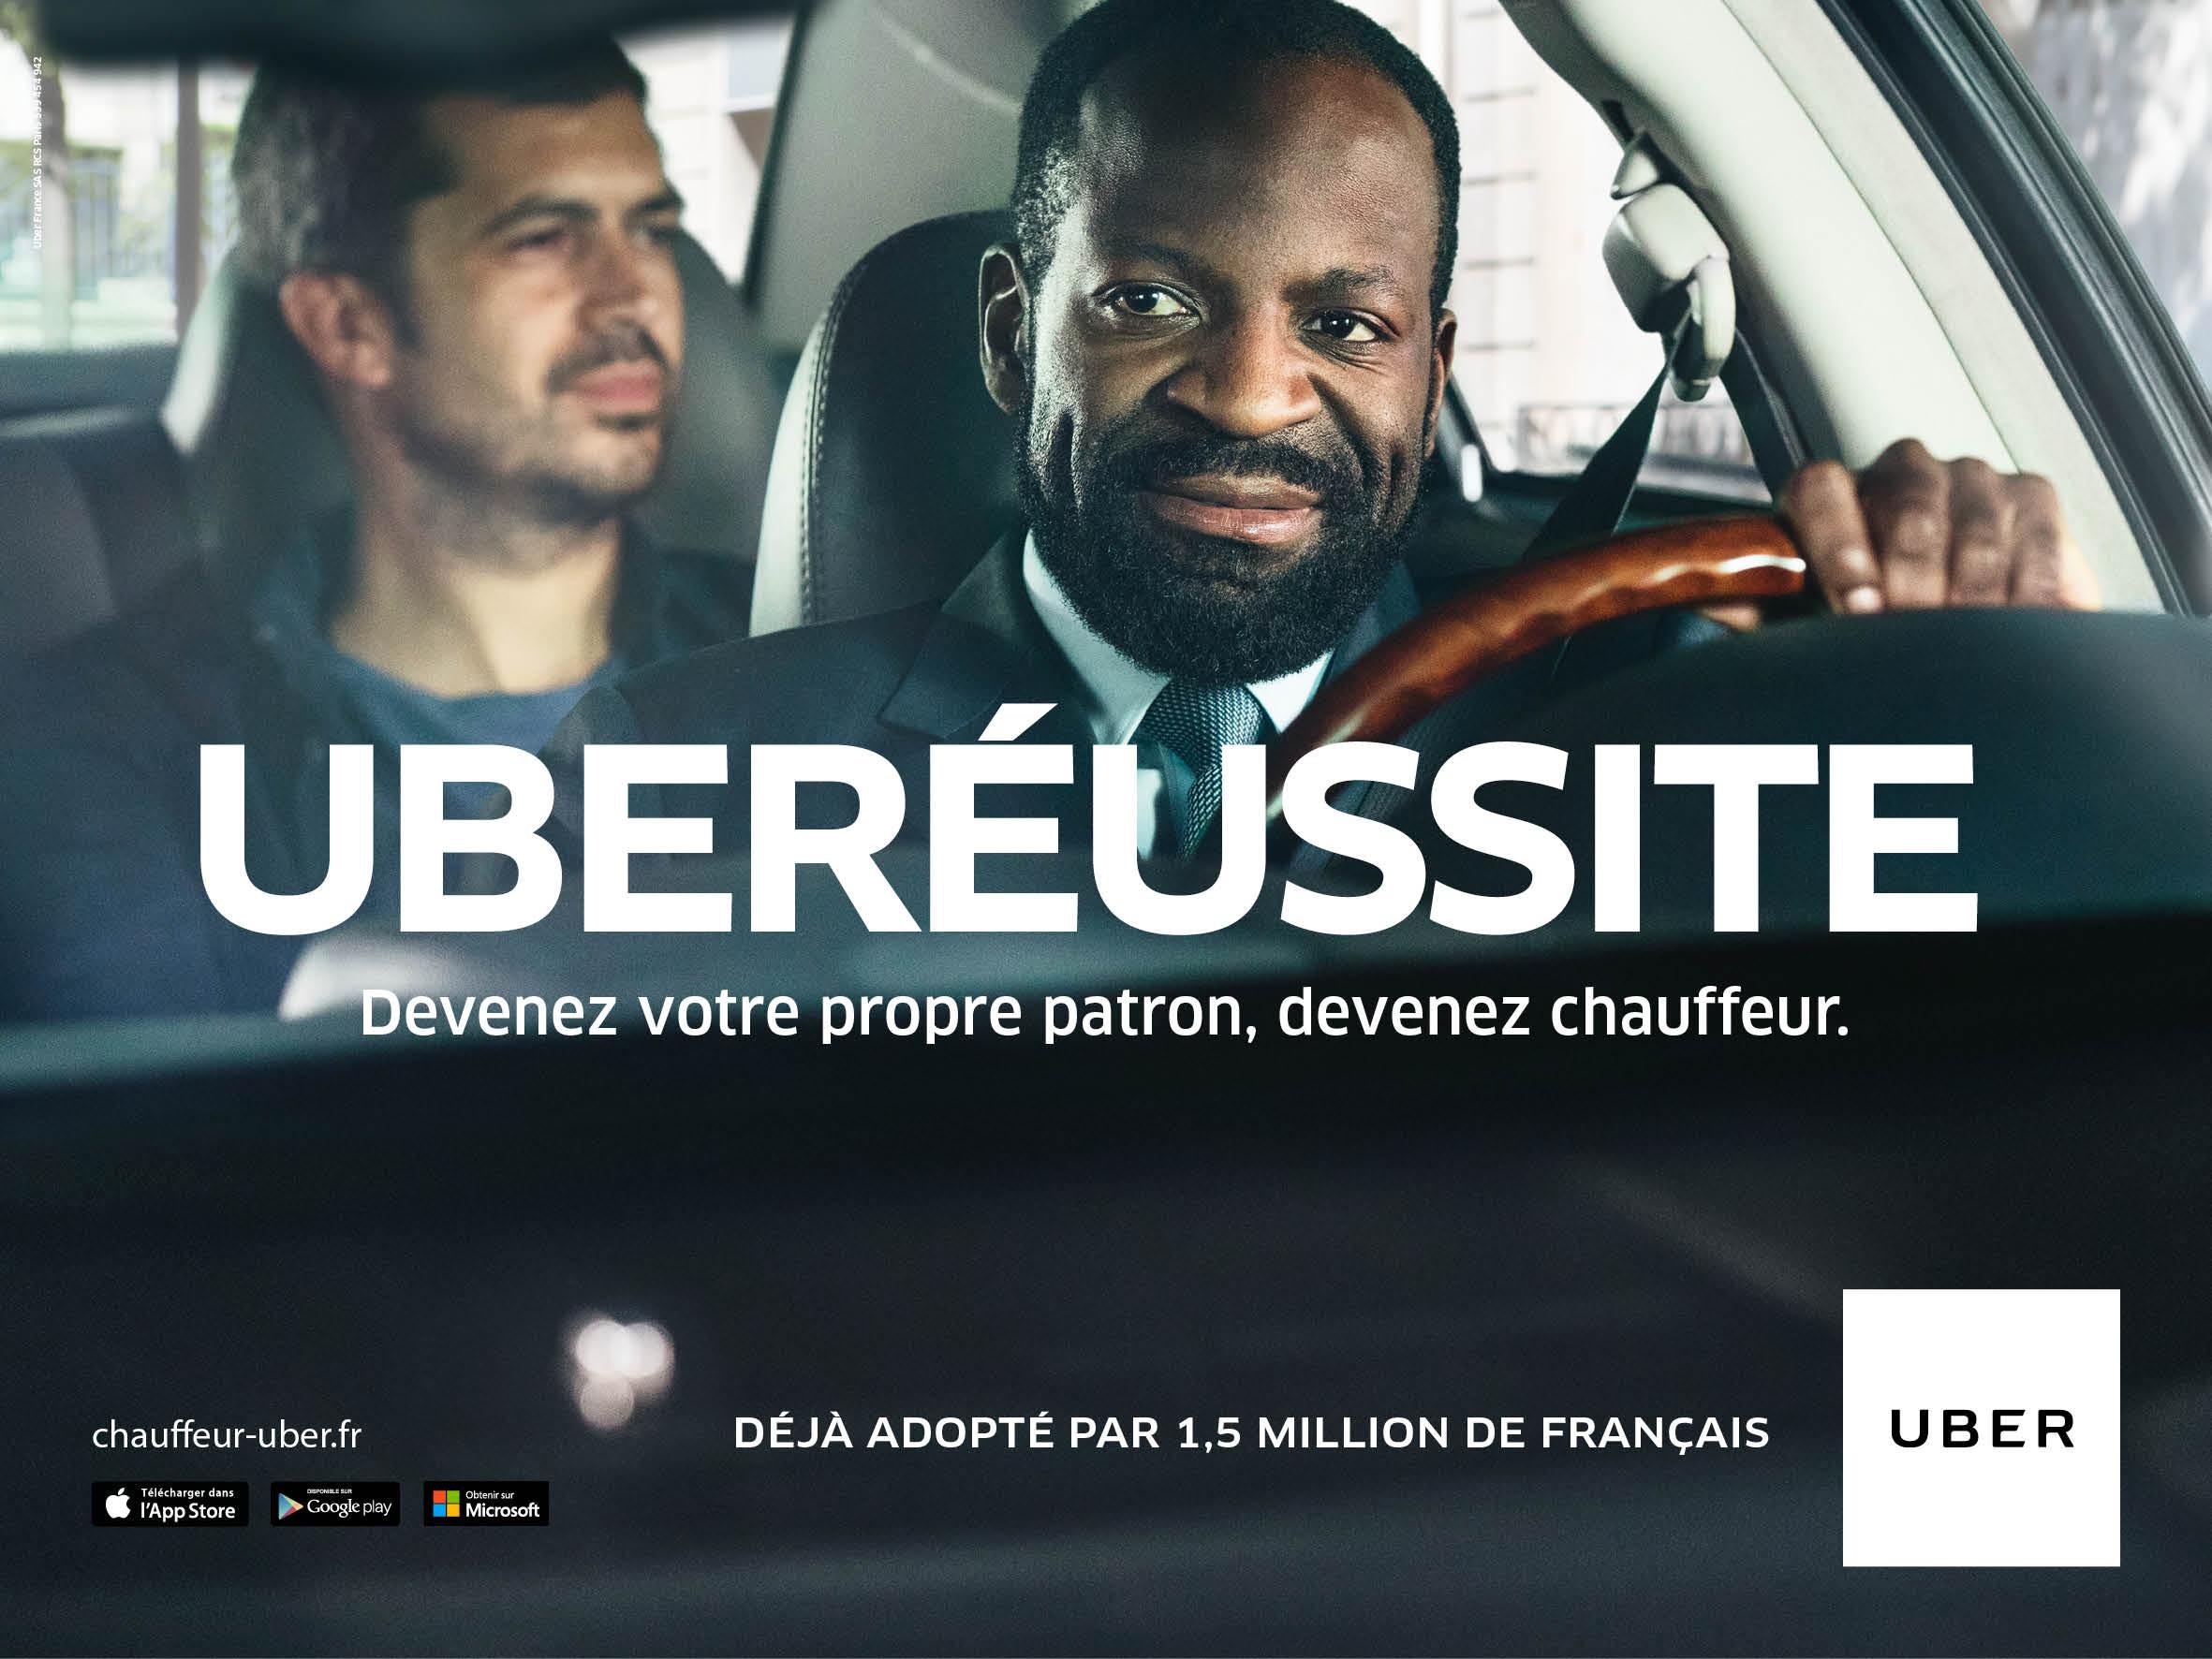 uber-france-publicite-marketing-recrutement-chauffeurs-partenaires-mars-2016-agence-marcel-publicis-2